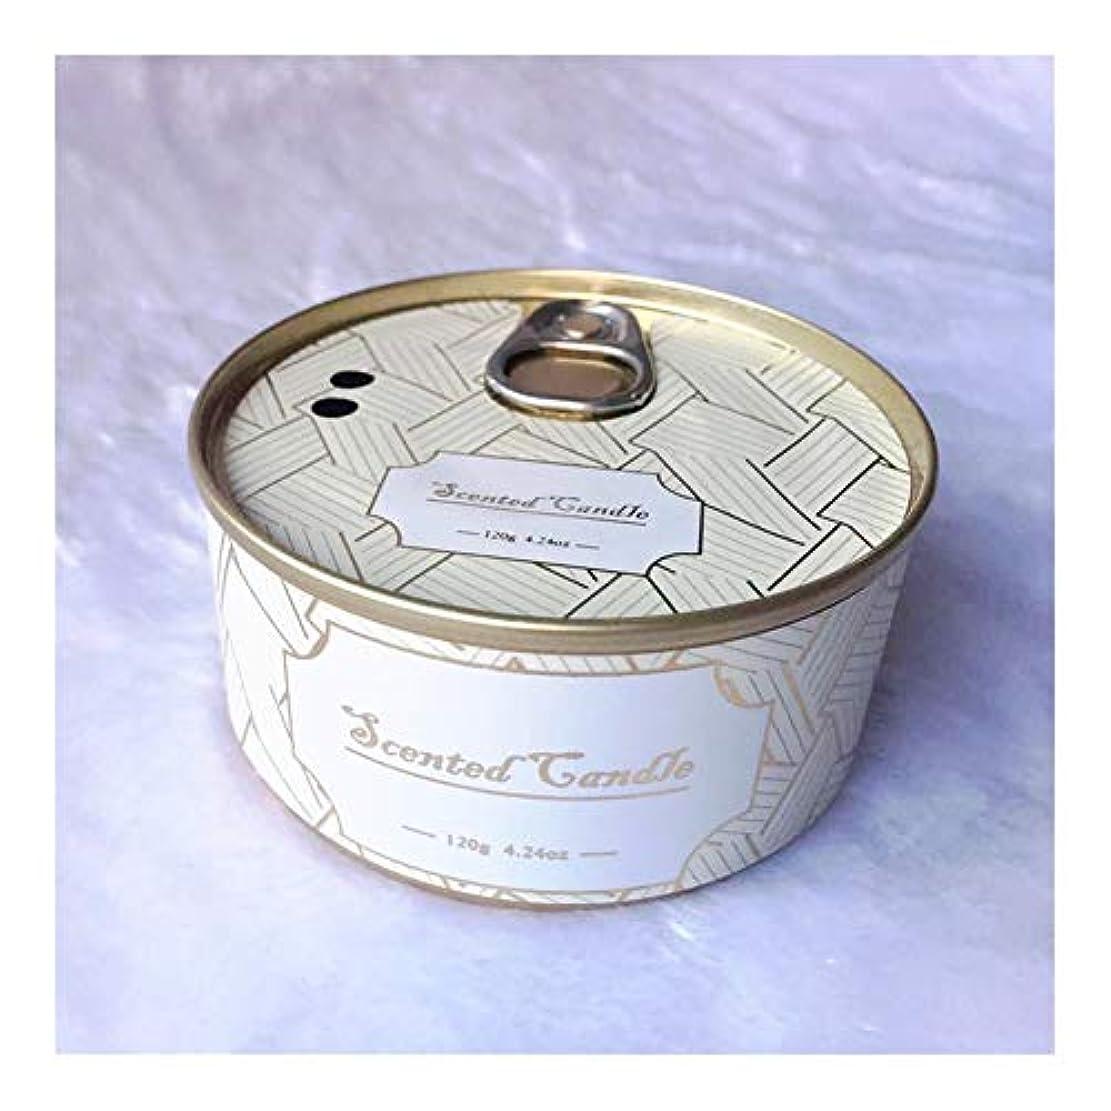 ライトニングフィルタフラップZtian ブリキ缶植物エッセンシャルオイル大豆ワックスジュニパーラベンダーの香りのキャンドル (色 : Lavender)